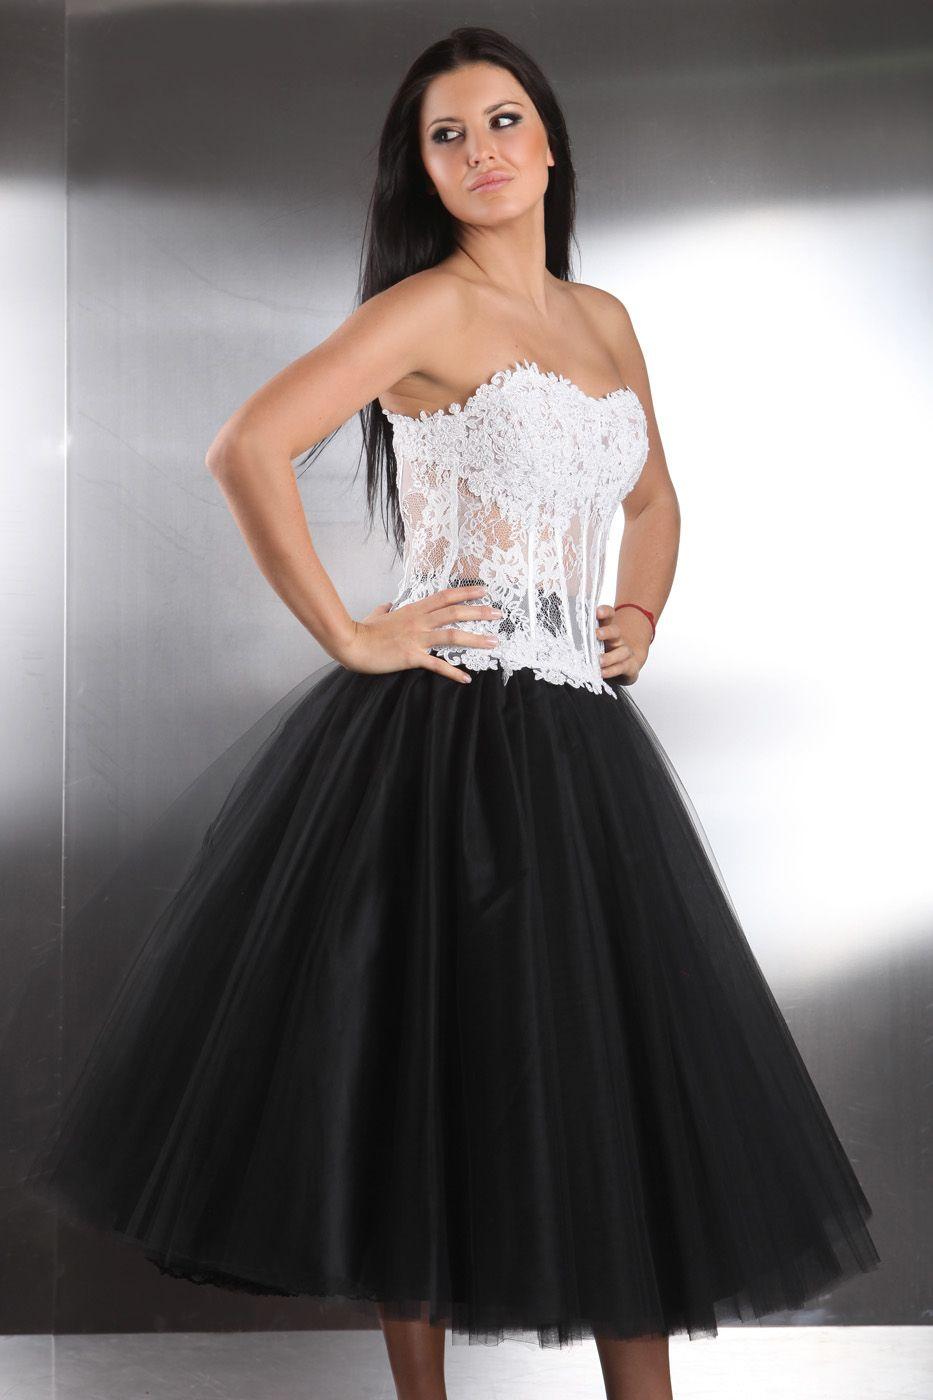 schwarz wei es petticoat hochzeitskleid kleiderfreuden. Black Bedroom Furniture Sets. Home Design Ideas